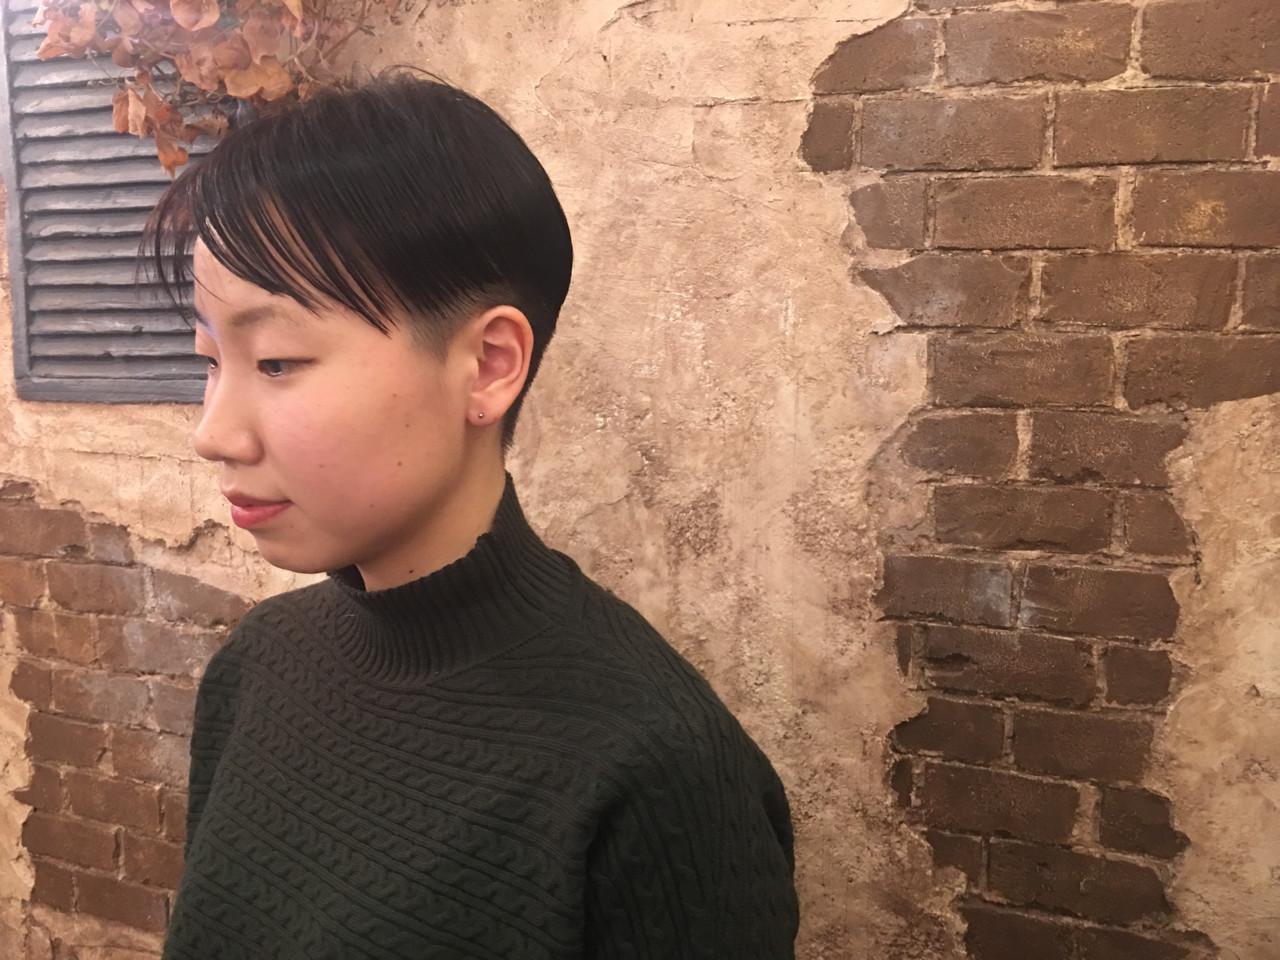 小顔 ショート モード ベリーショート ヘアスタイルや髪型の写真・画像 | nico / magiy hair 下北沢